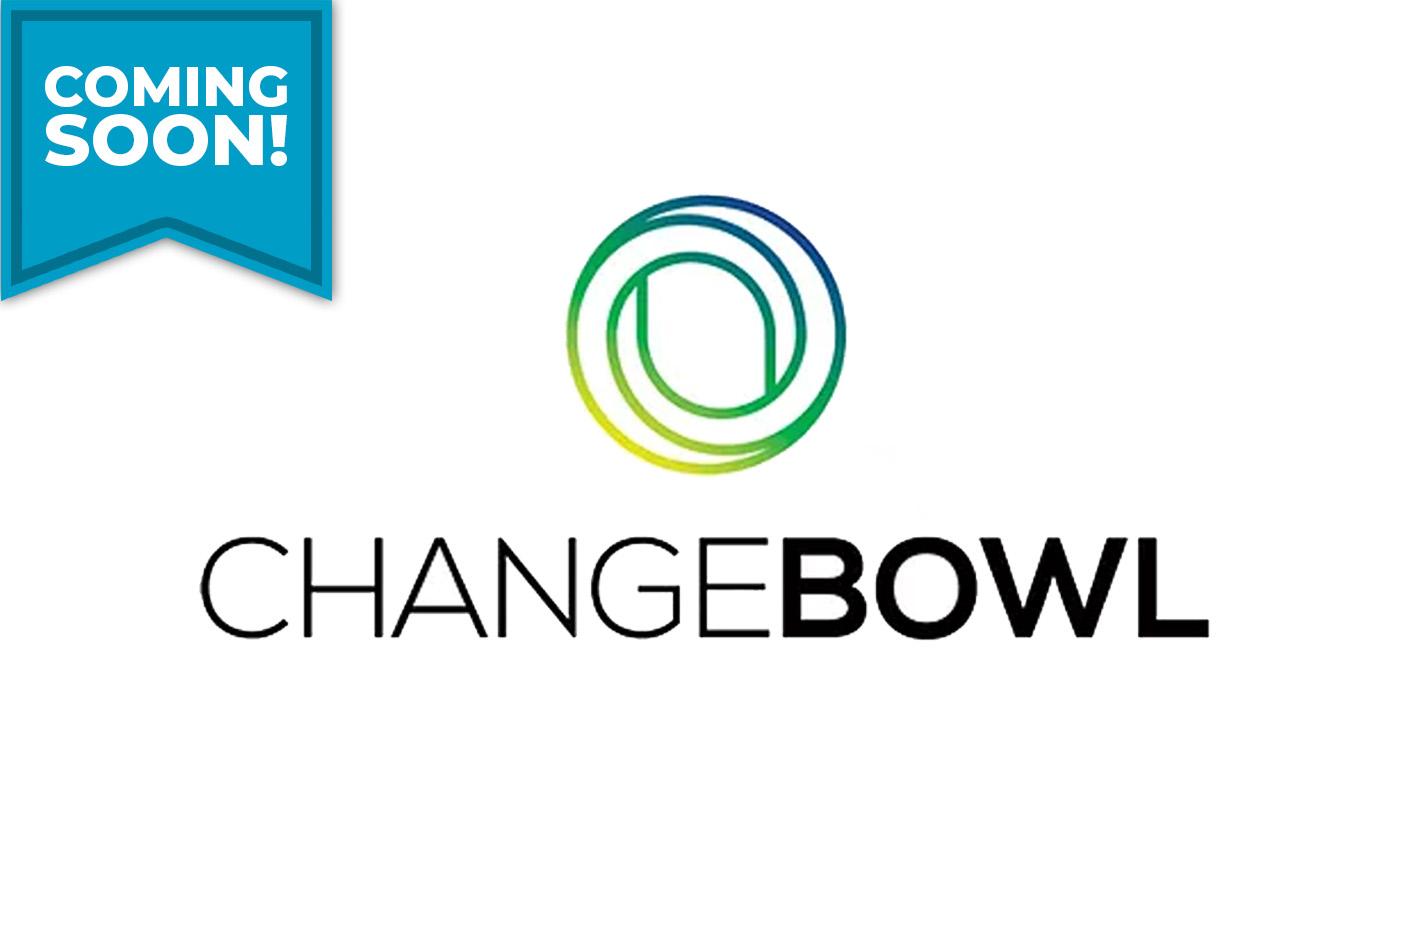 Changebowl coming soon